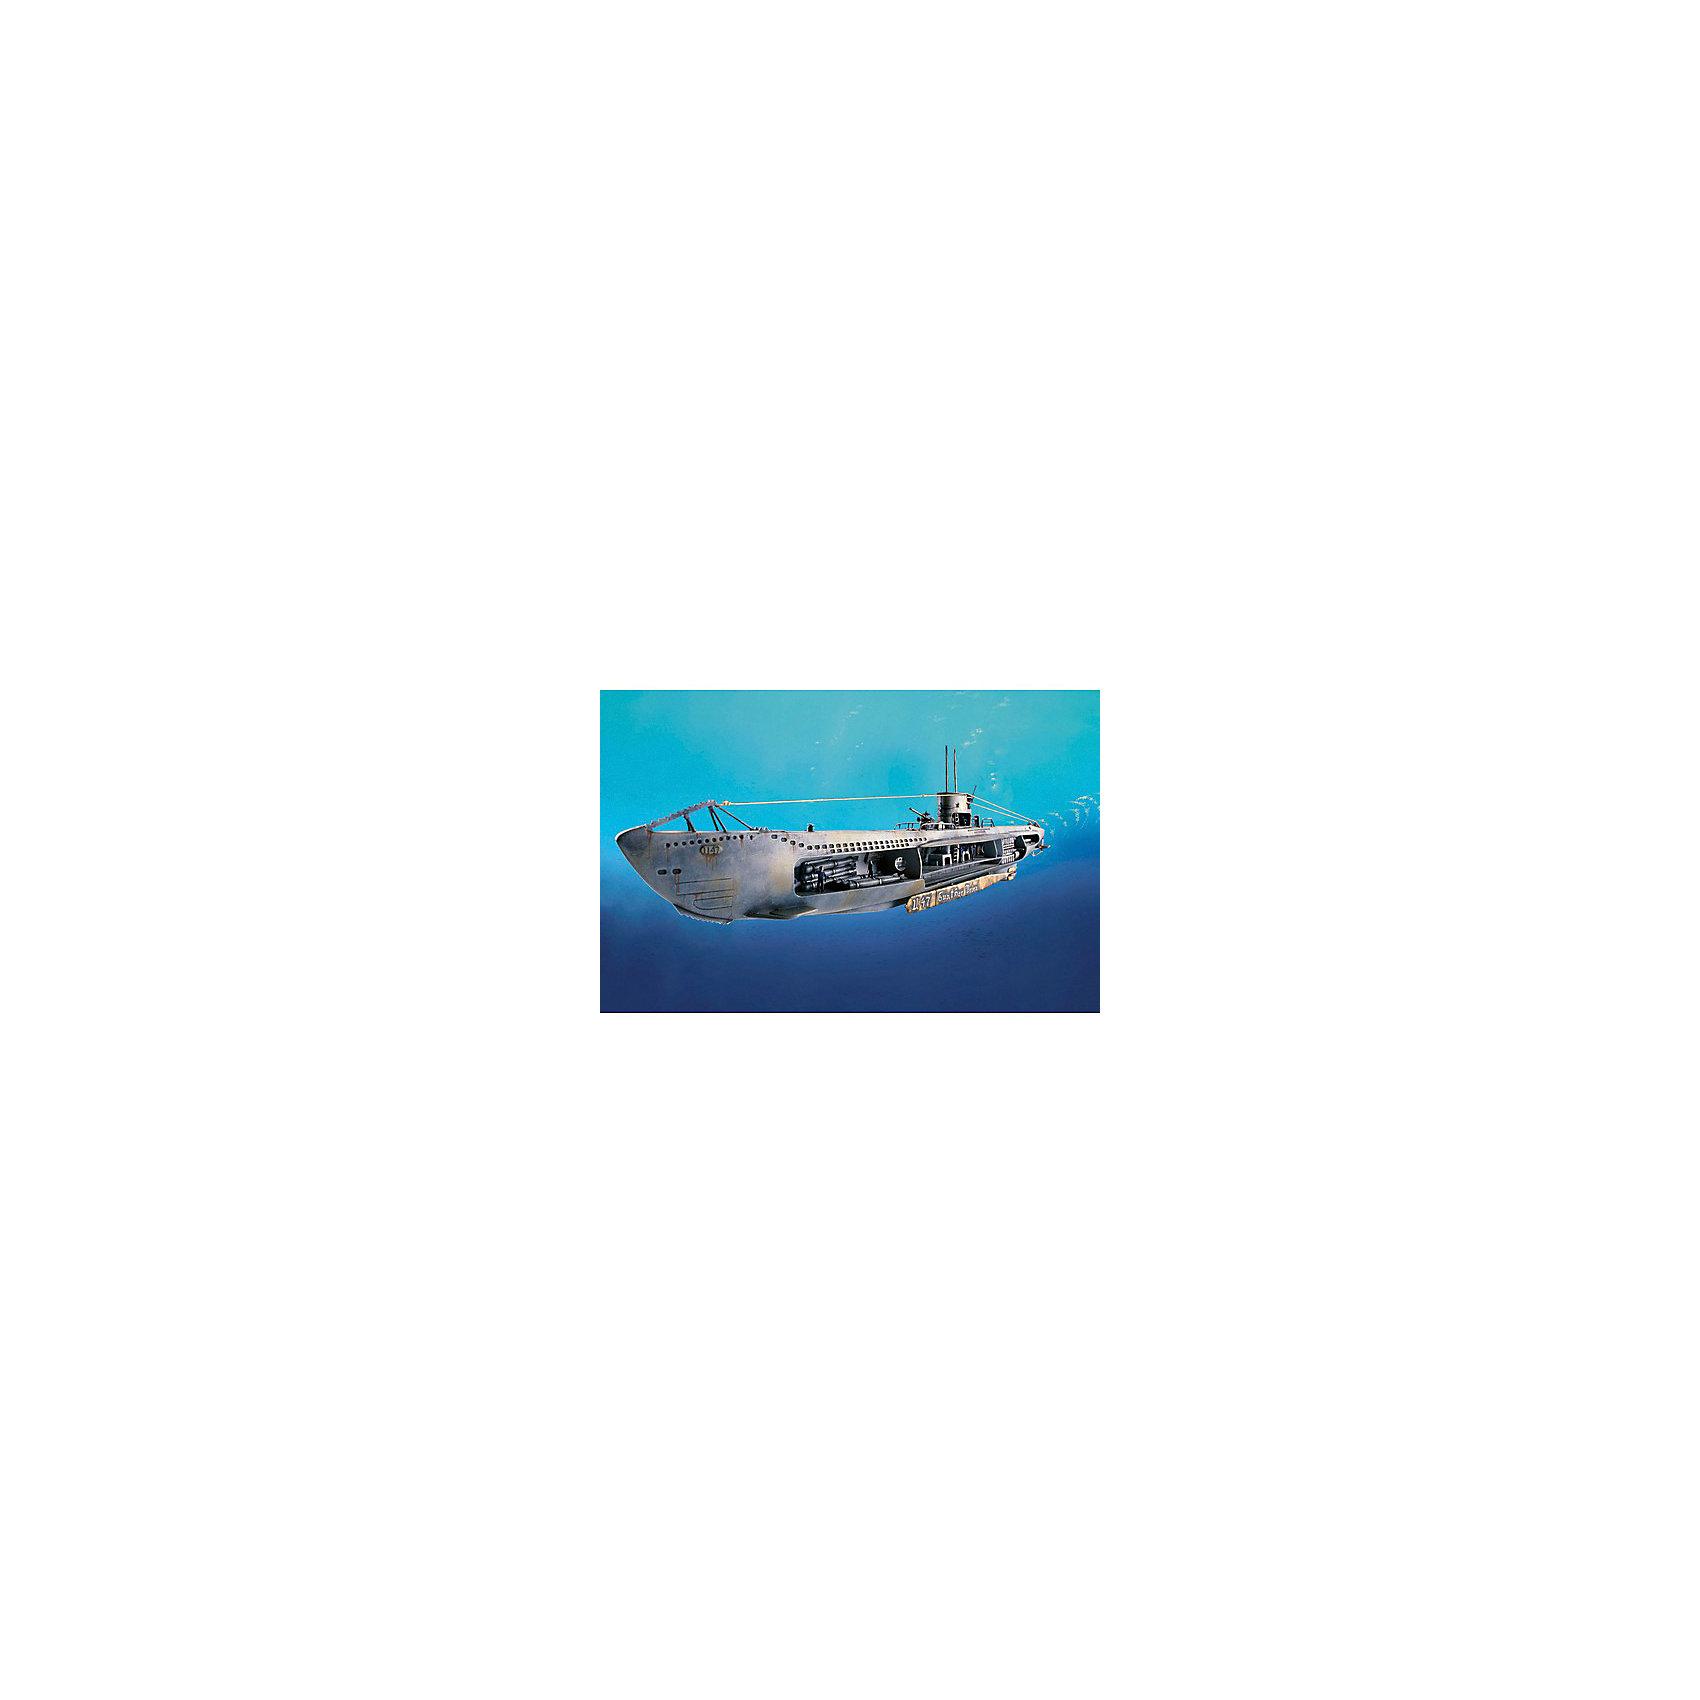 Немецкая подводная лодка U-47 w.InteriorМодели для склеивания<br>Немецкая подводная лодка U-47 поступила на службу в декабре 1938 года. А в ночь на 14 октября 1939 года ей удалось пробраться незамеченной на британскую военно-морскую базу в Скапа-Флоу, потопить линкор H.M.S. Royal Oak всего несколькими залпами и также незамеченной вернуться на свою базу.  <br><br> Восхитительная сборная модель немецкой подводной лодки U-47 является абсолютно точной уменьшенной копией своего прототипа в масштабе 1:125. Макет лодки проработан в мельчайших подробностях. Сбоку модели открыт взгляду детализированный внутренний интерьер подводного судна с перегородками. Аккуратно выполненные, приближенные к оригиналу панель приборов, торпеды, спальные помещения, капитанская рубка, палубные орудия 8,8 см, а также члены экипажа позволят достичь ощущения, что вы находитесь на борту знаменитой немецкой подлодки. Всего модель состоит из 124 отдельных деталей, которые необходимо собрать воедино и склеить, а затем покрыть краской в соответствии с инструкцией в комплекте. Длина готовой модели после сборки составляет 531 мм.  <br><br> Великолепная сборная модель немецкой подводной лодки U-47 с интерьером разработана немецкой компанией Revell для детей от 10 лет. Макет настоящей подлодки с детализированным интерьером и членами экипажа, несомненно, обрадует не только юных любителей моделирования, но и взрослых его поклонников и коллекционеров военной техники. Моделирование – один из наиболее полезных и увлекательных хобби. Оно превосходно тренирует мелкую моторику, развивает такие навыки как усидчивость, аккуратность и внимательность. Кроме того, развивается пространственное мышление, логика и креативность.<br><br>Ширина мм: 9999<br>Глубина мм: 9999<br>Высота мм: 9999<br>Вес г: 9999<br>Возраст от месяцев: 120<br>Возраст до месяцев: 2147483647<br>Пол: Мужской<br>Возраст: Детский<br>SKU: 7122344